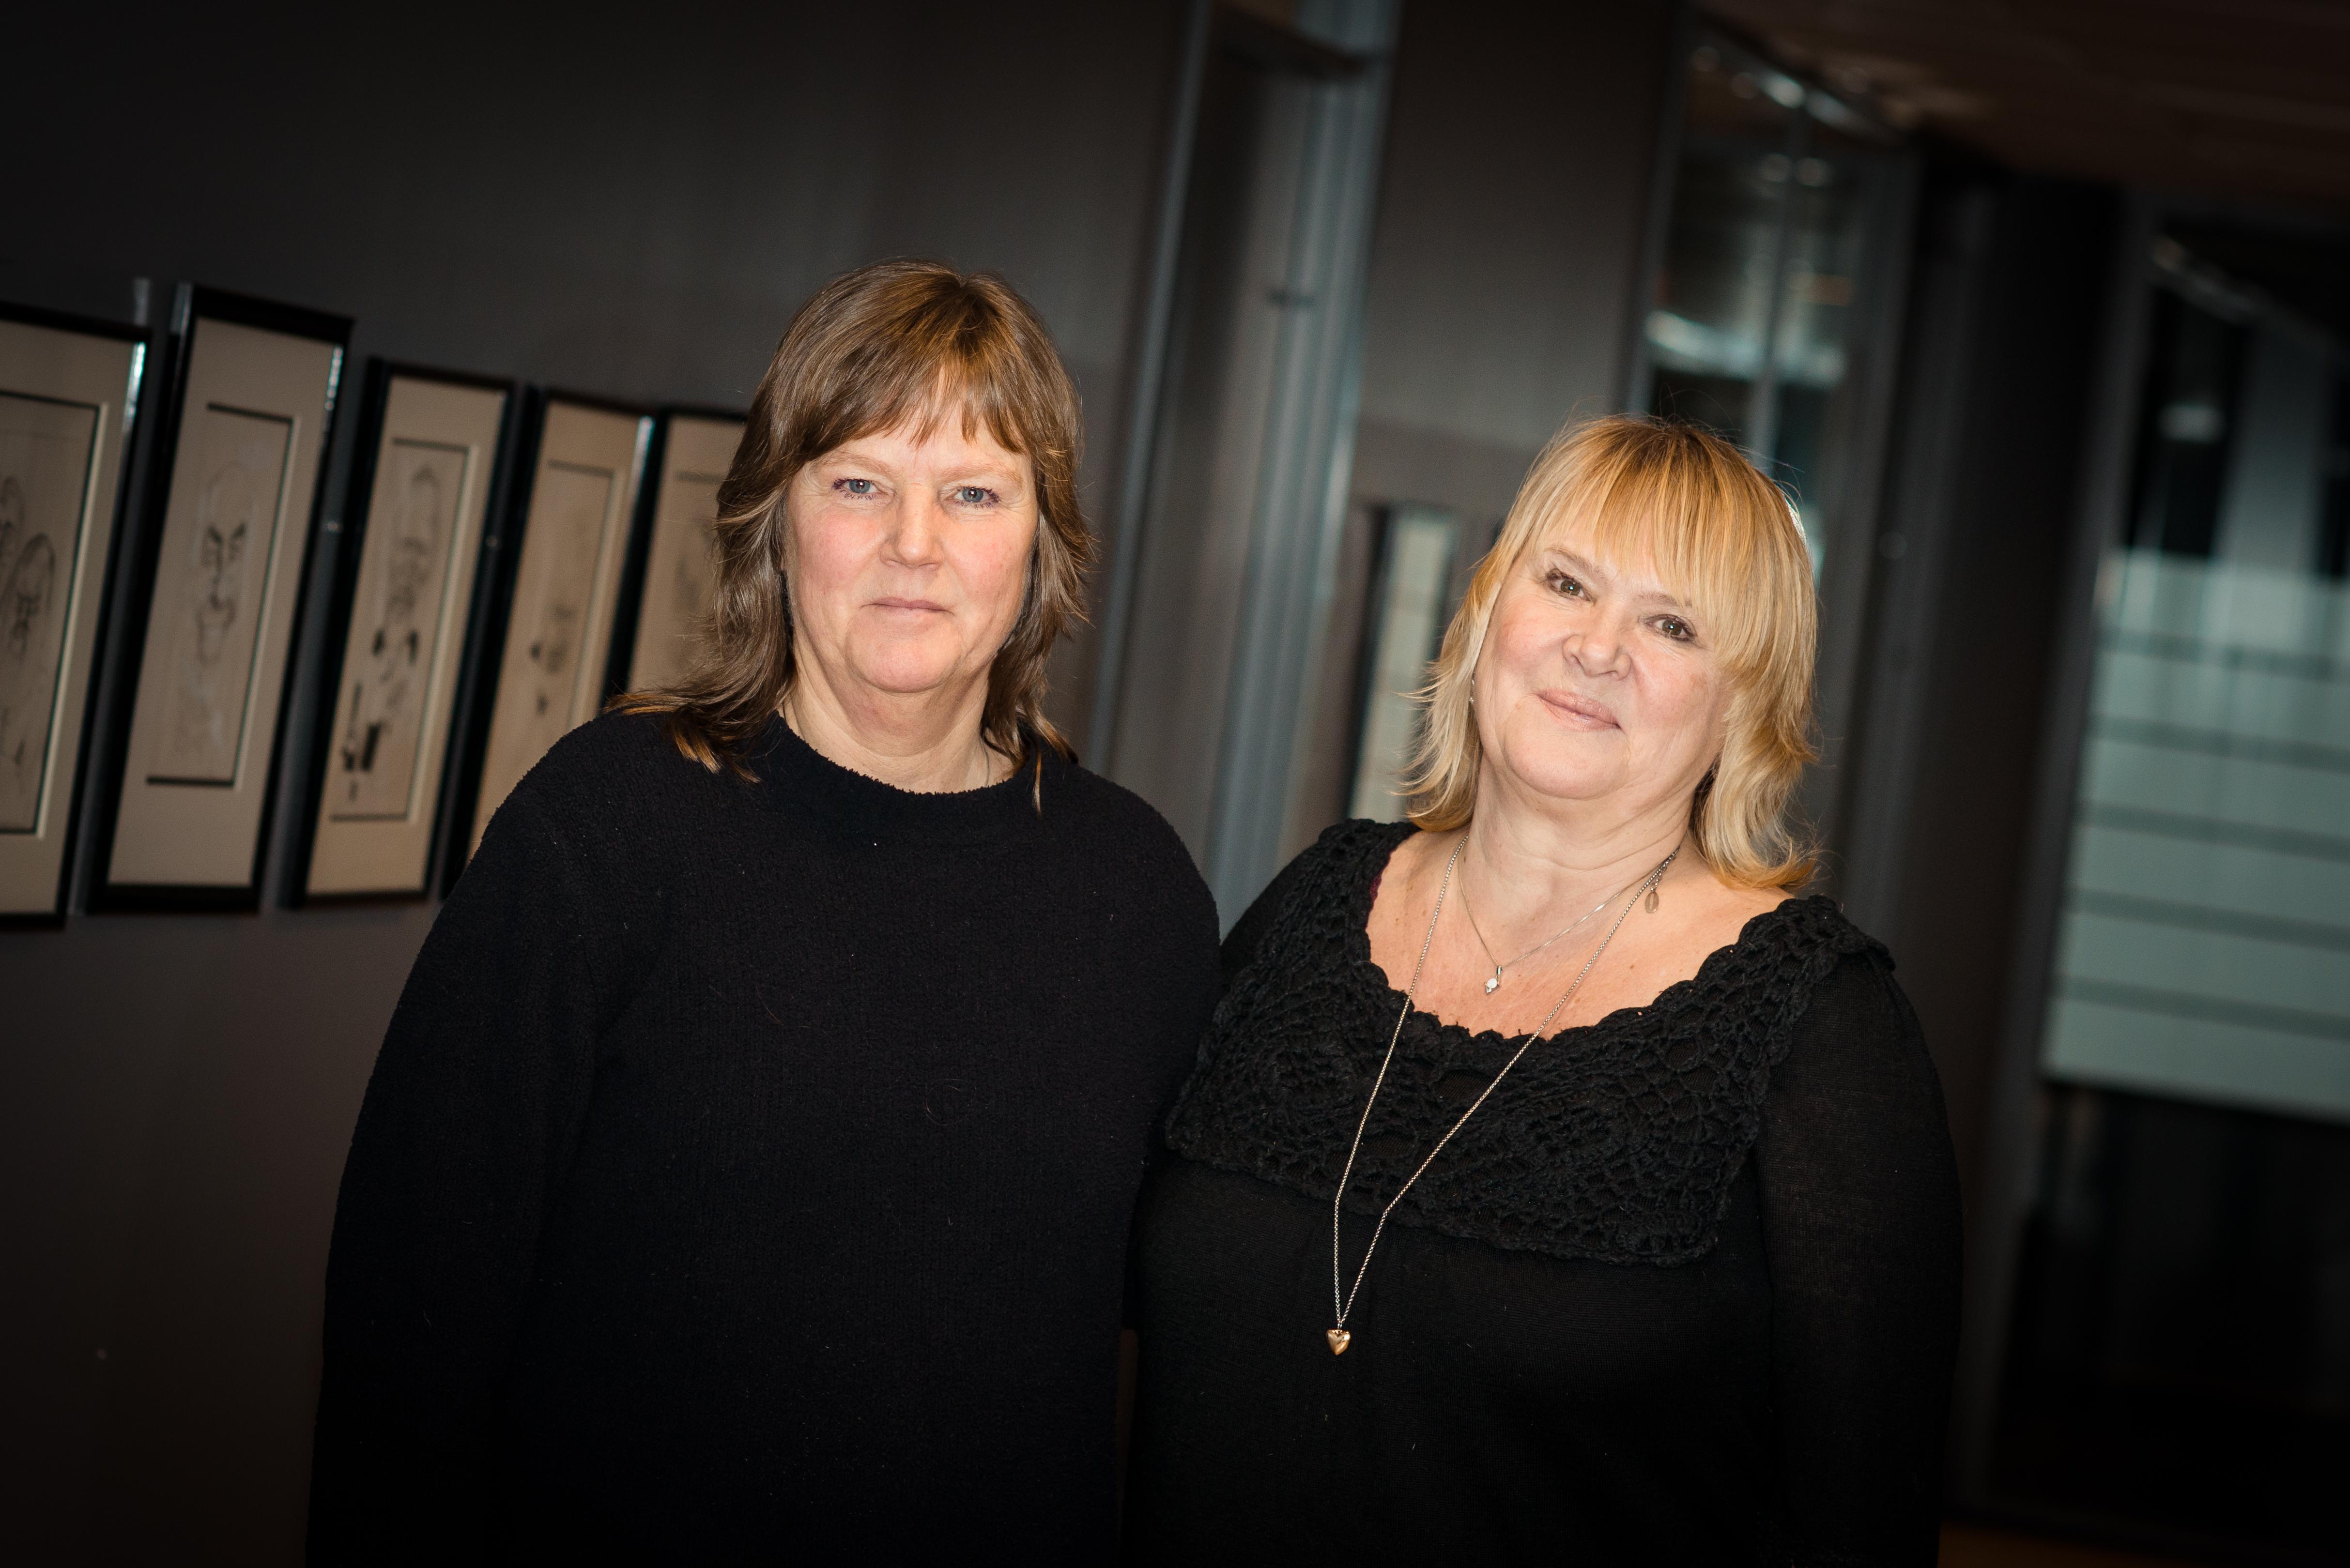 BRUDD: Lise Olsen, nestleder i LO Stat (t.v.) og Jane B. Sæthre, forbundsleder i Norsk Jernbaneforbund under forhandlingene i Bane Nor.